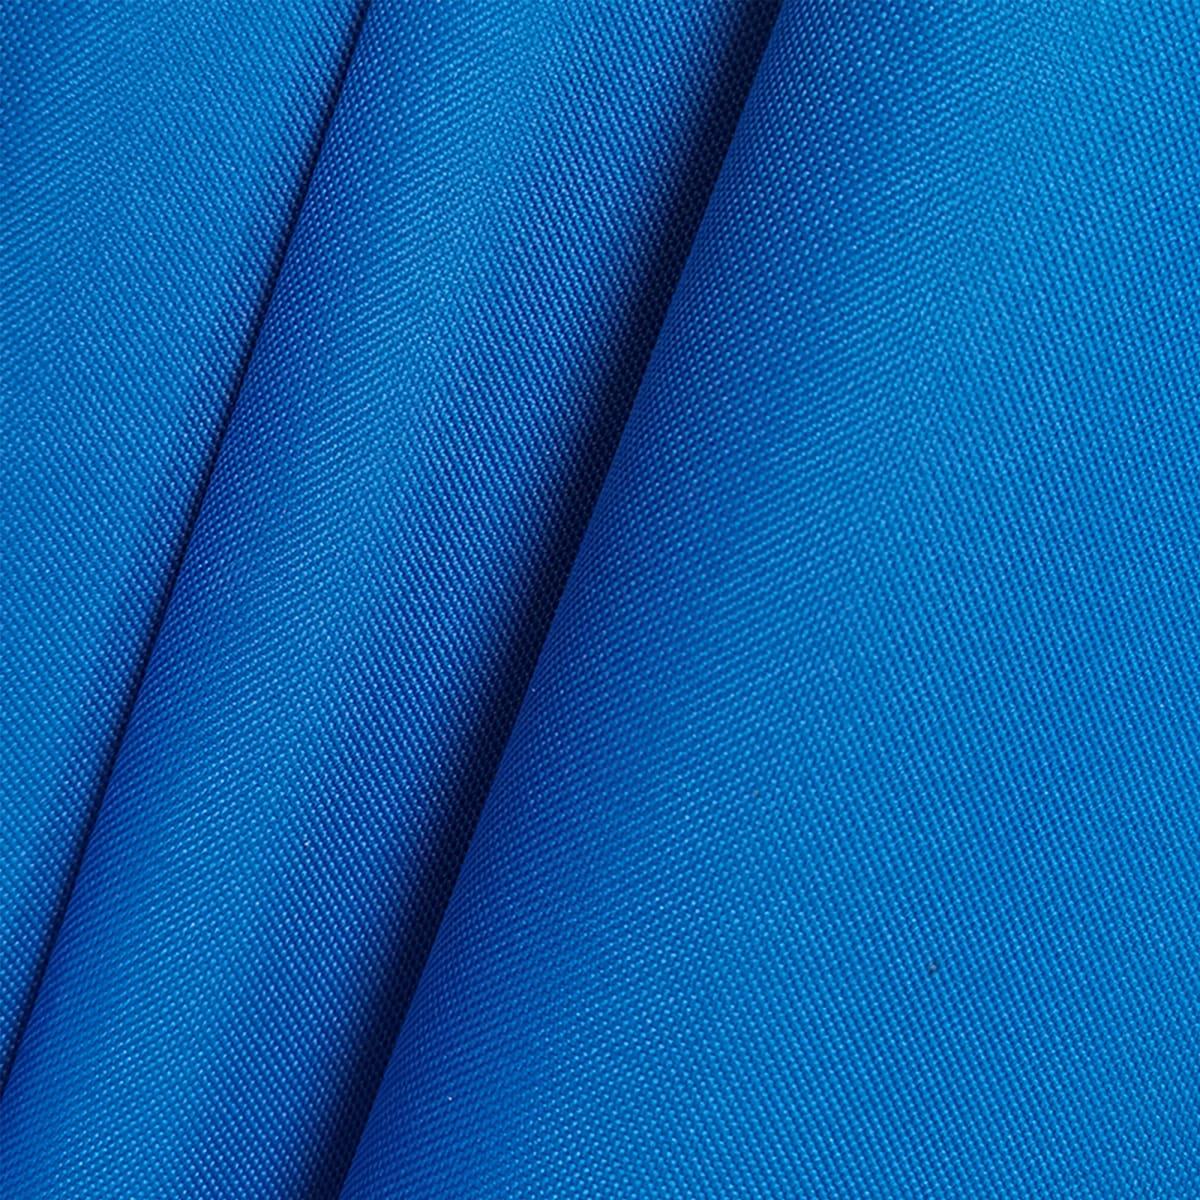 оксфорд ткань купить в иркутске цены